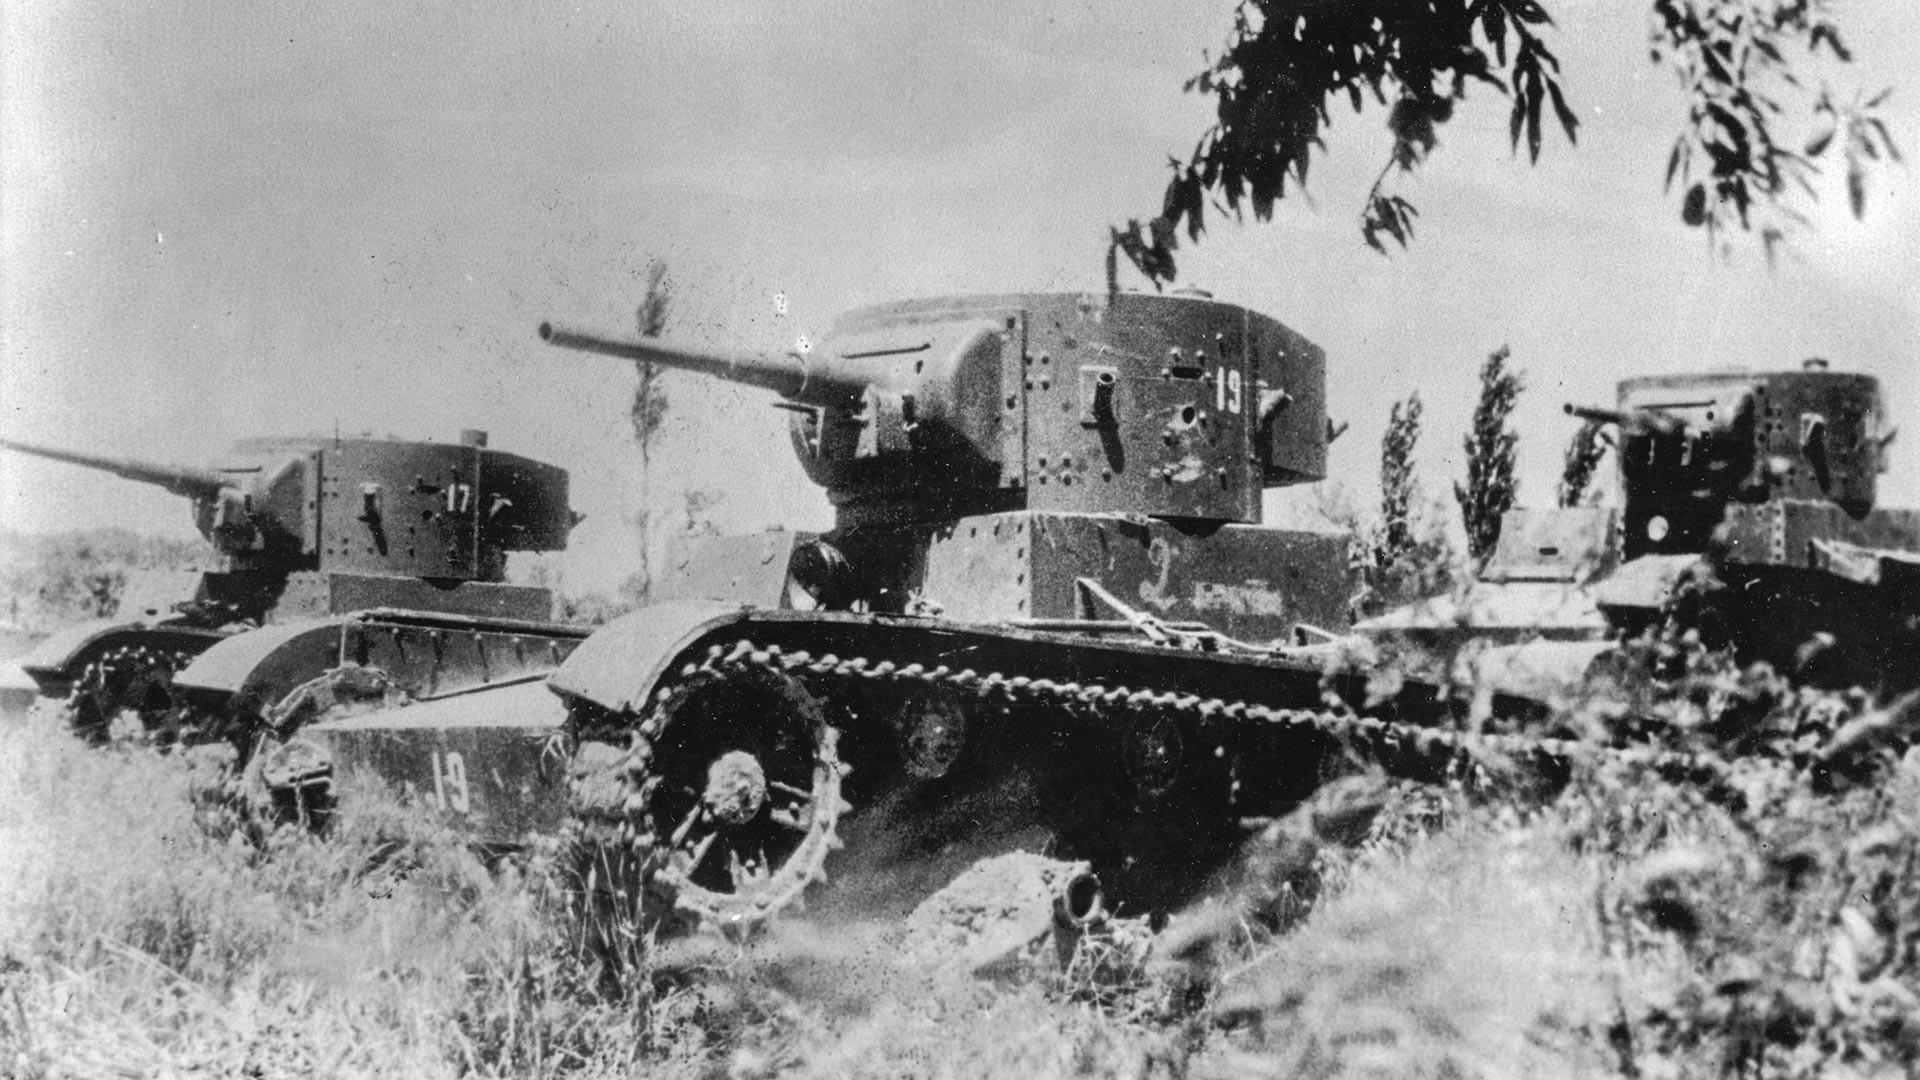 Três tanques leves T-26 fabricados na União Soviética percorrem campo durante batalha na  Guerra Civil Espanhola.